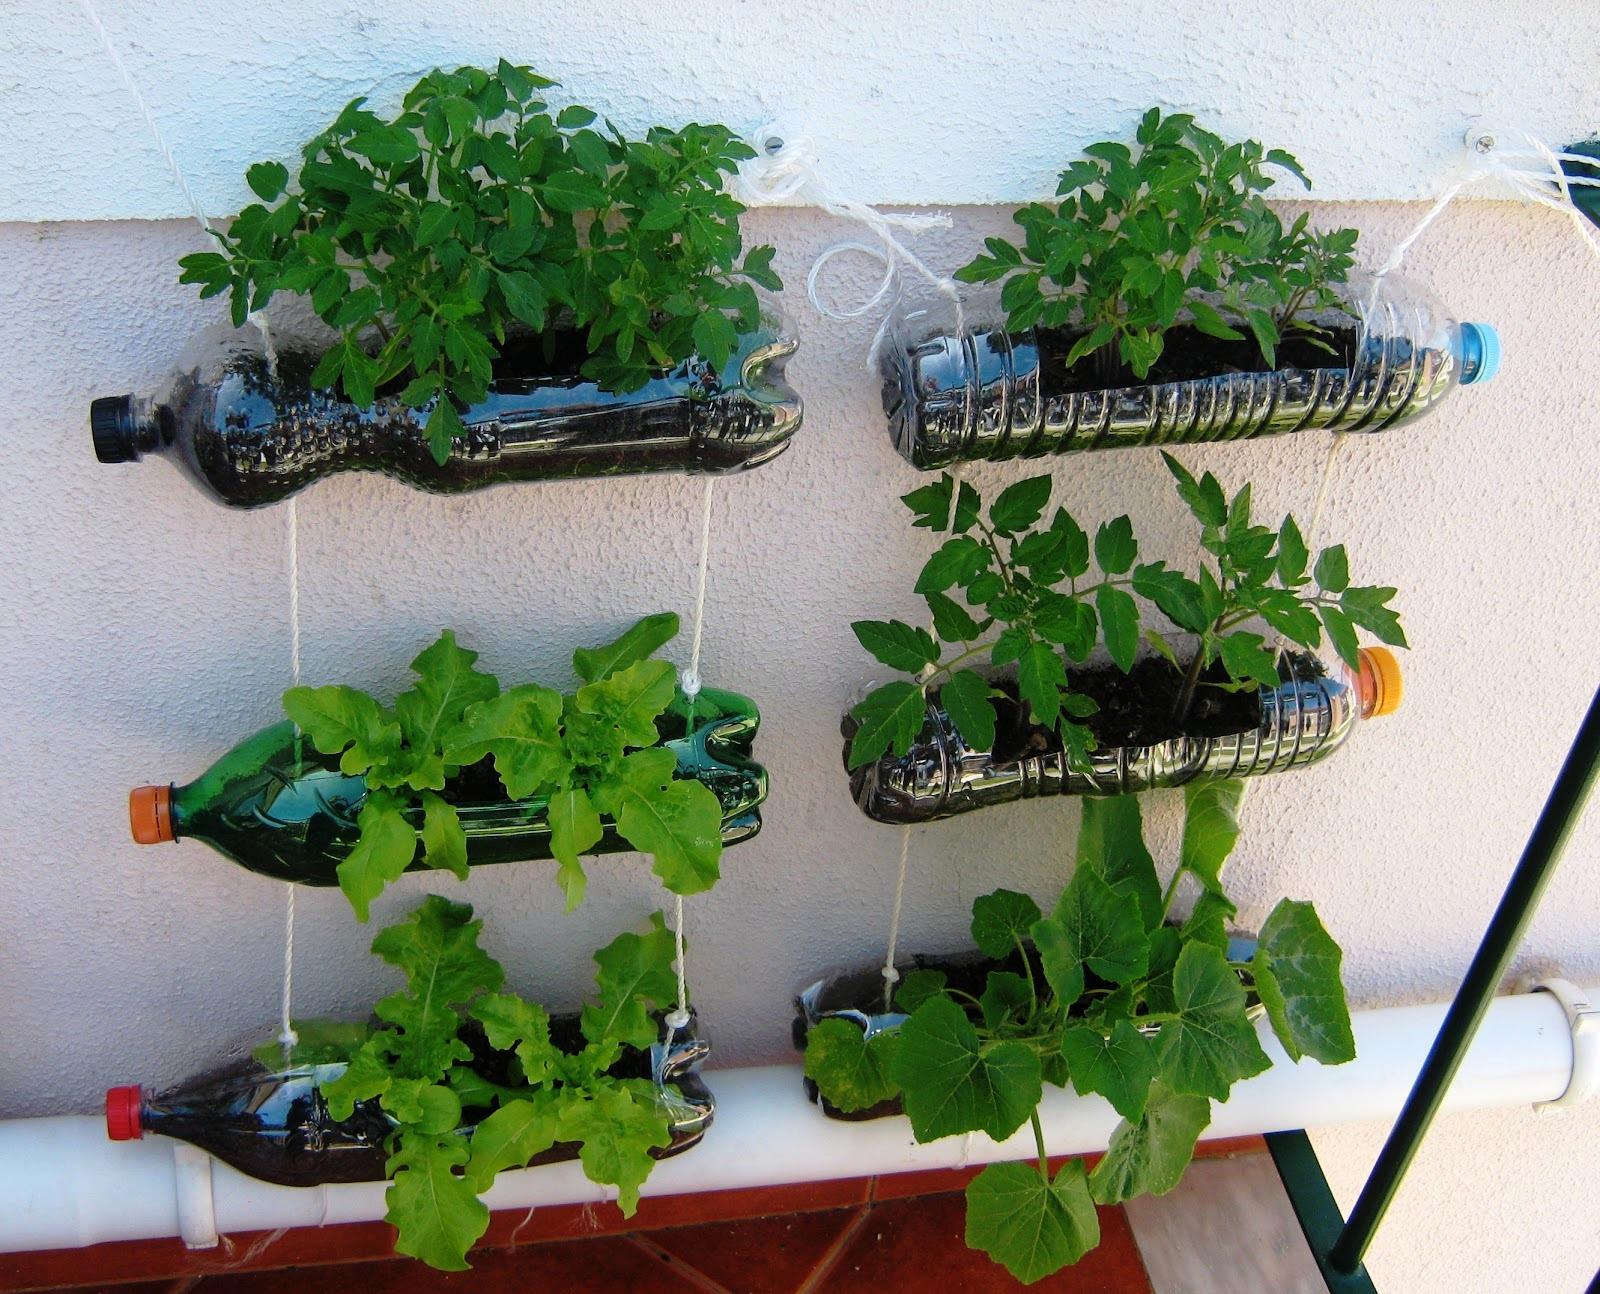 Riciclo creativo per lorto sul balcone: alcune idee